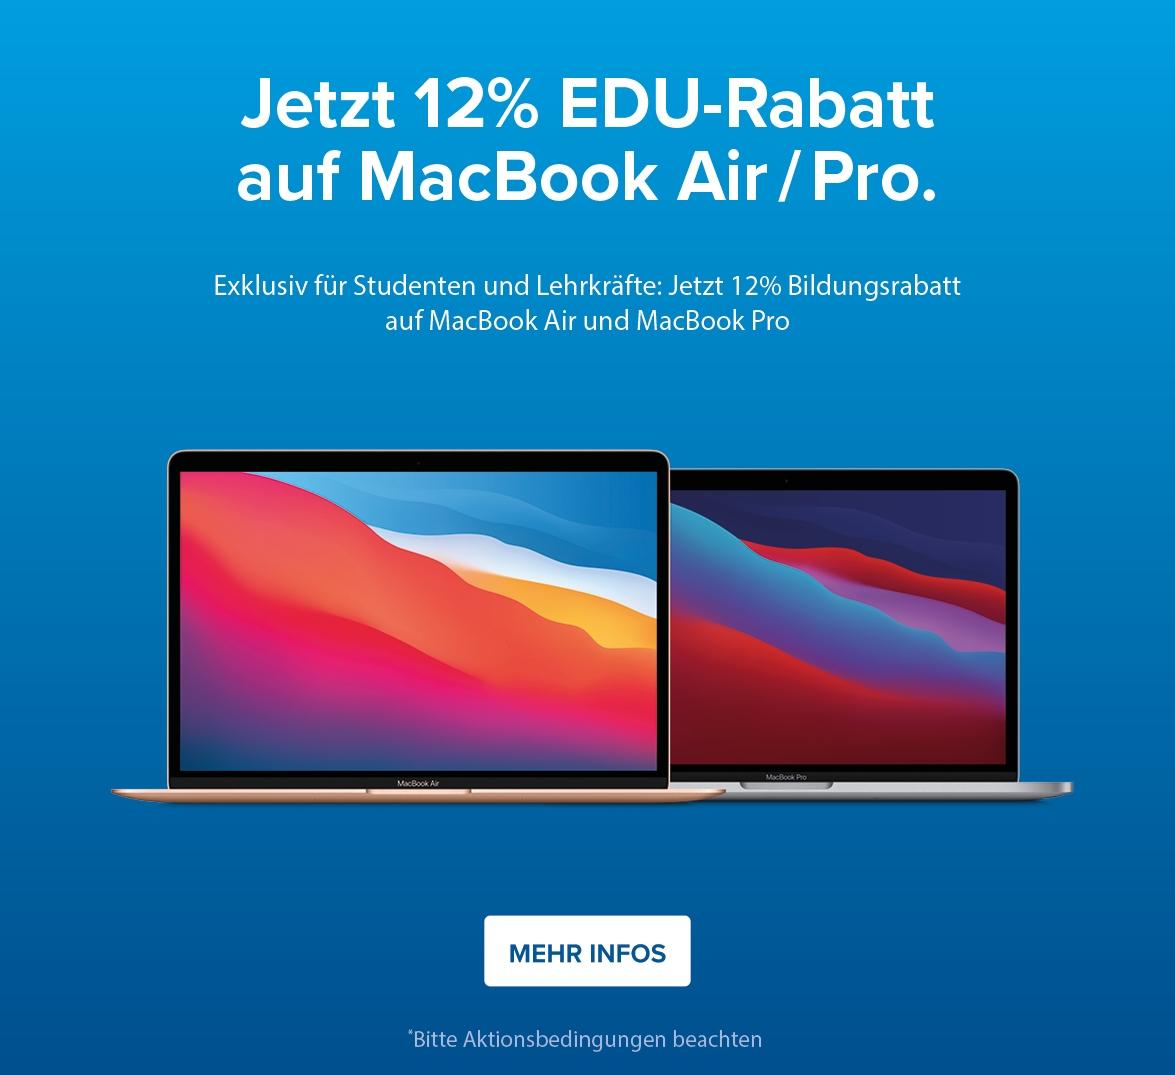 12% Bildungsrabatt auf MacBook Air / Pro